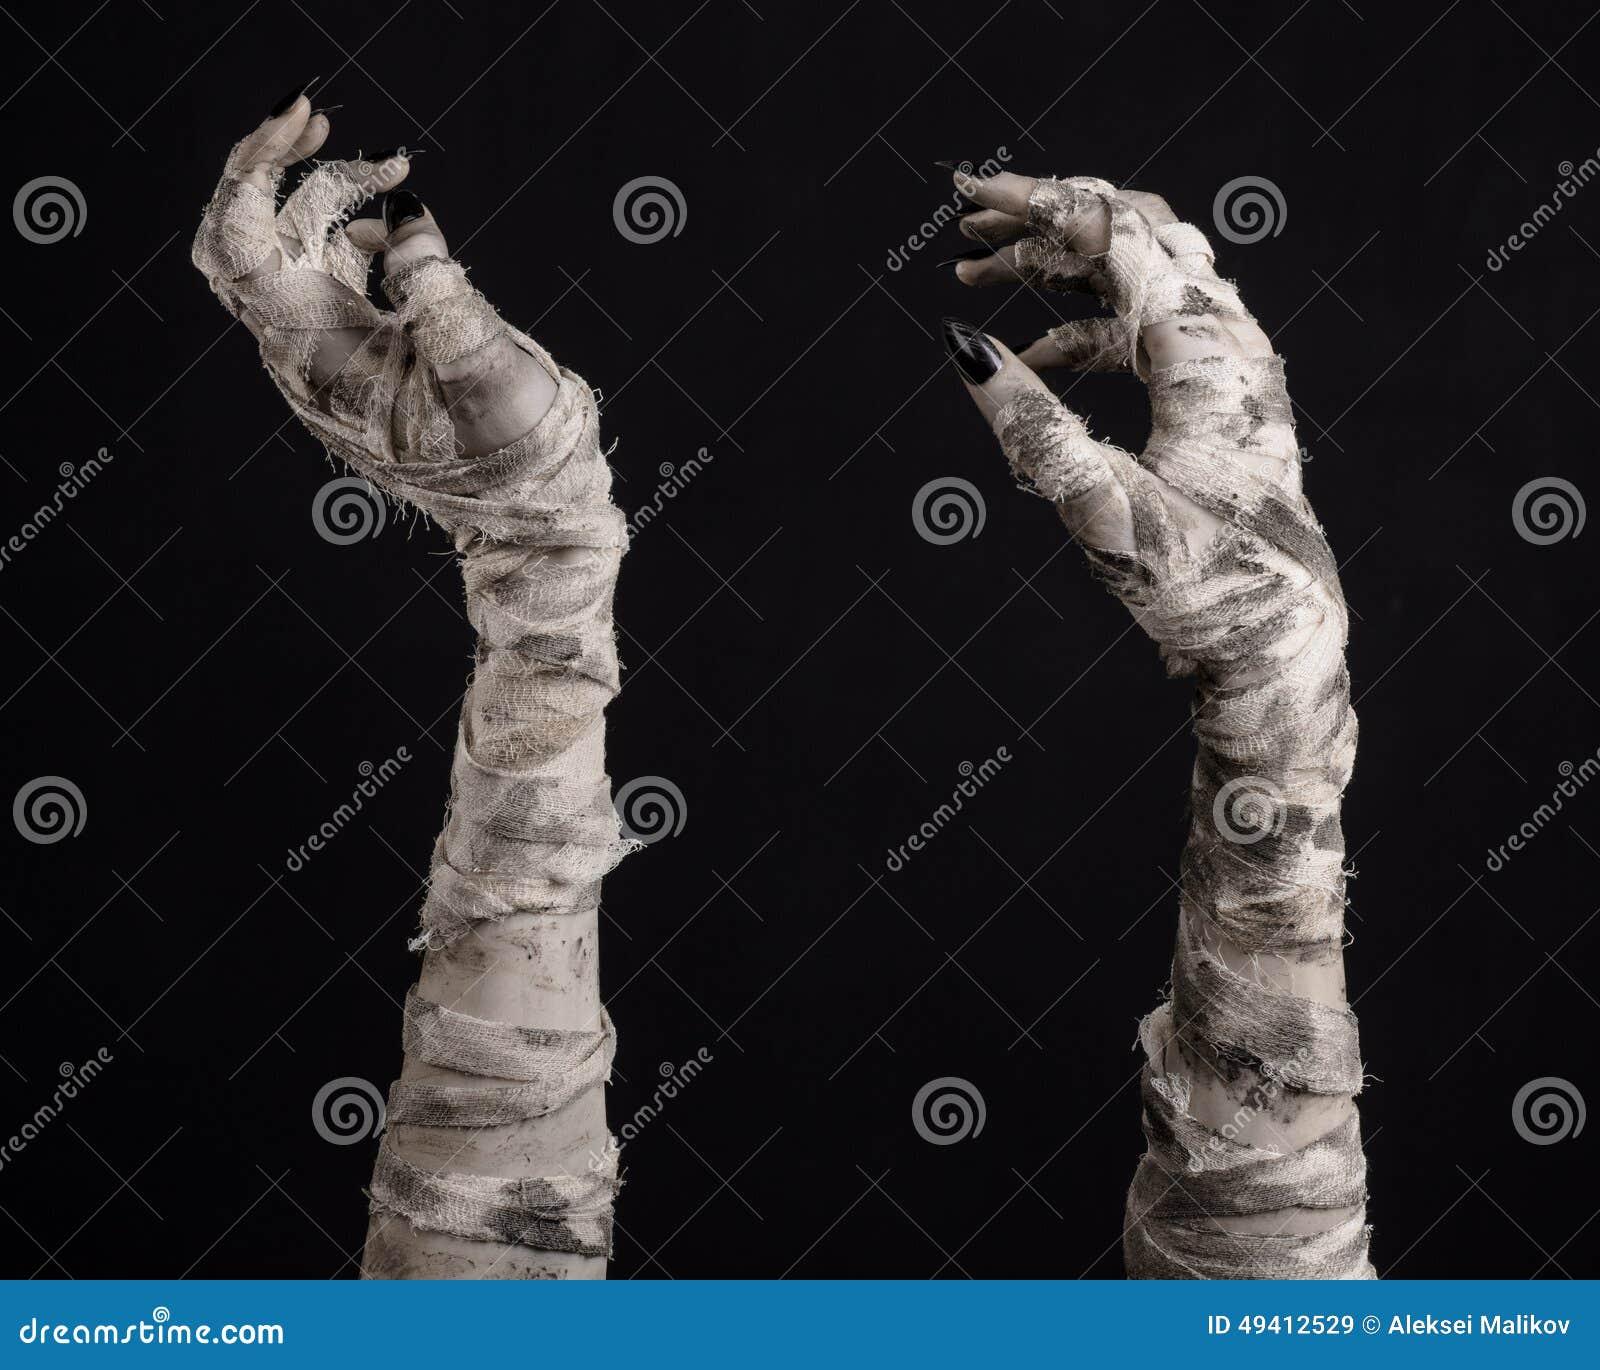 Download Halloween-Thema: Schreckliche Alte Mamahände Auf Einem Schwarzen Hintergrund Stockbild - Bild von krypta, kostüm: 49412529